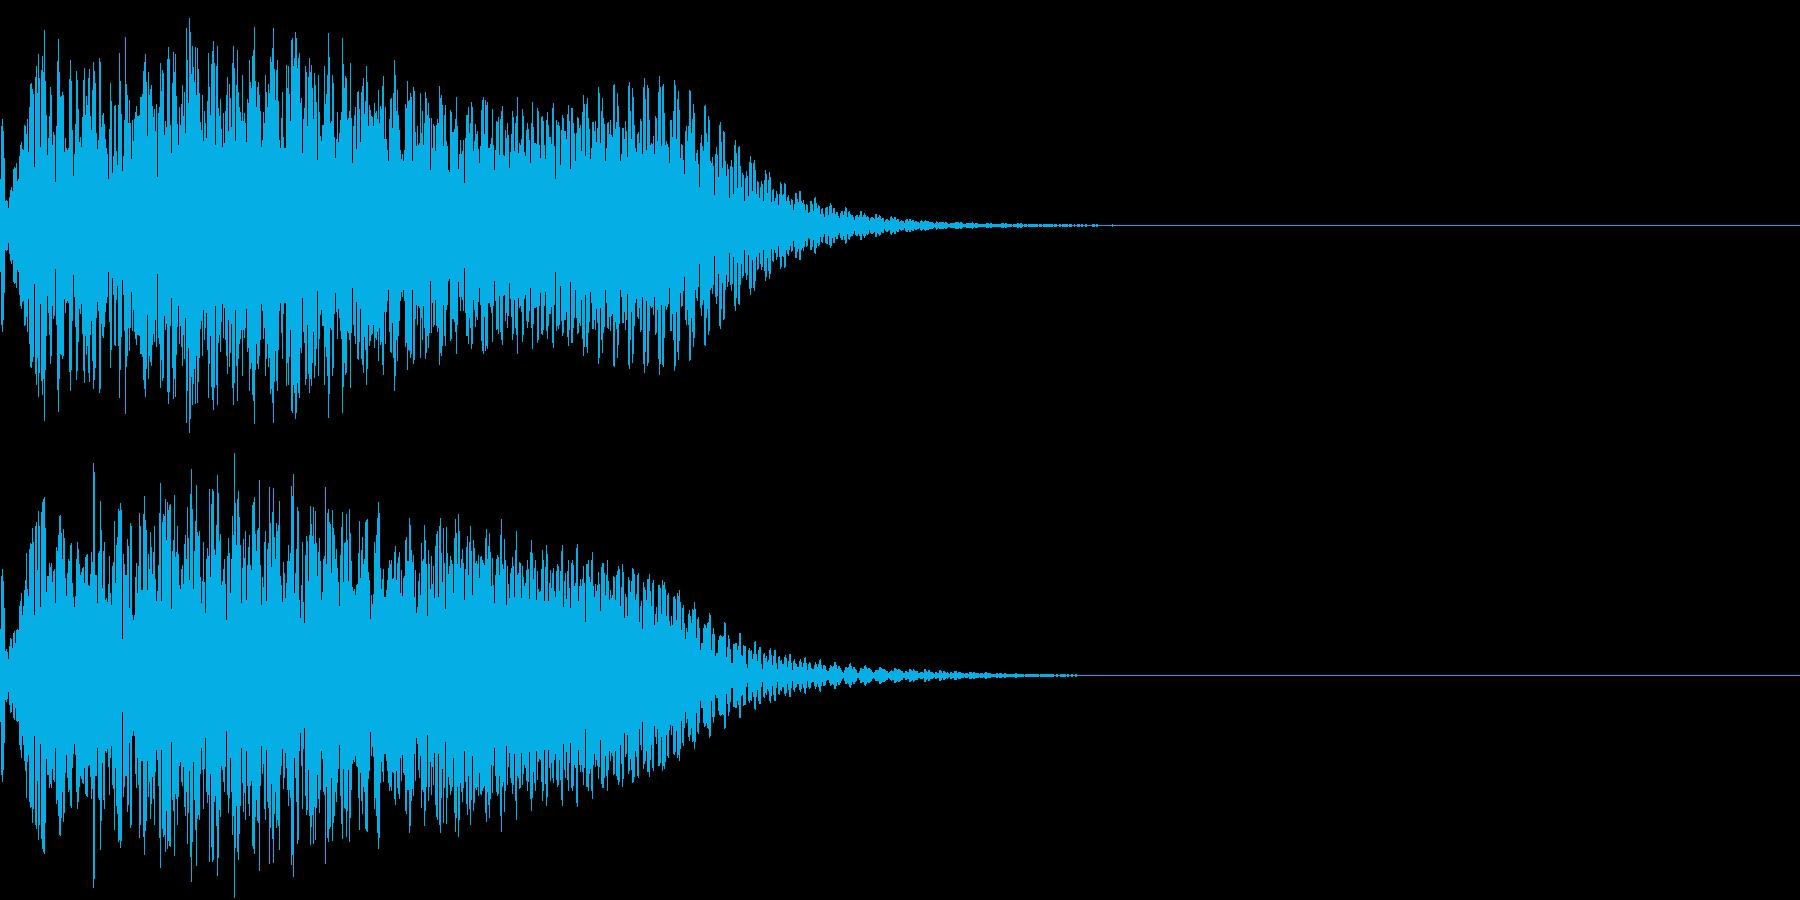 キュイン 光 ピカーン フラッシュ 09の再生済みの波形